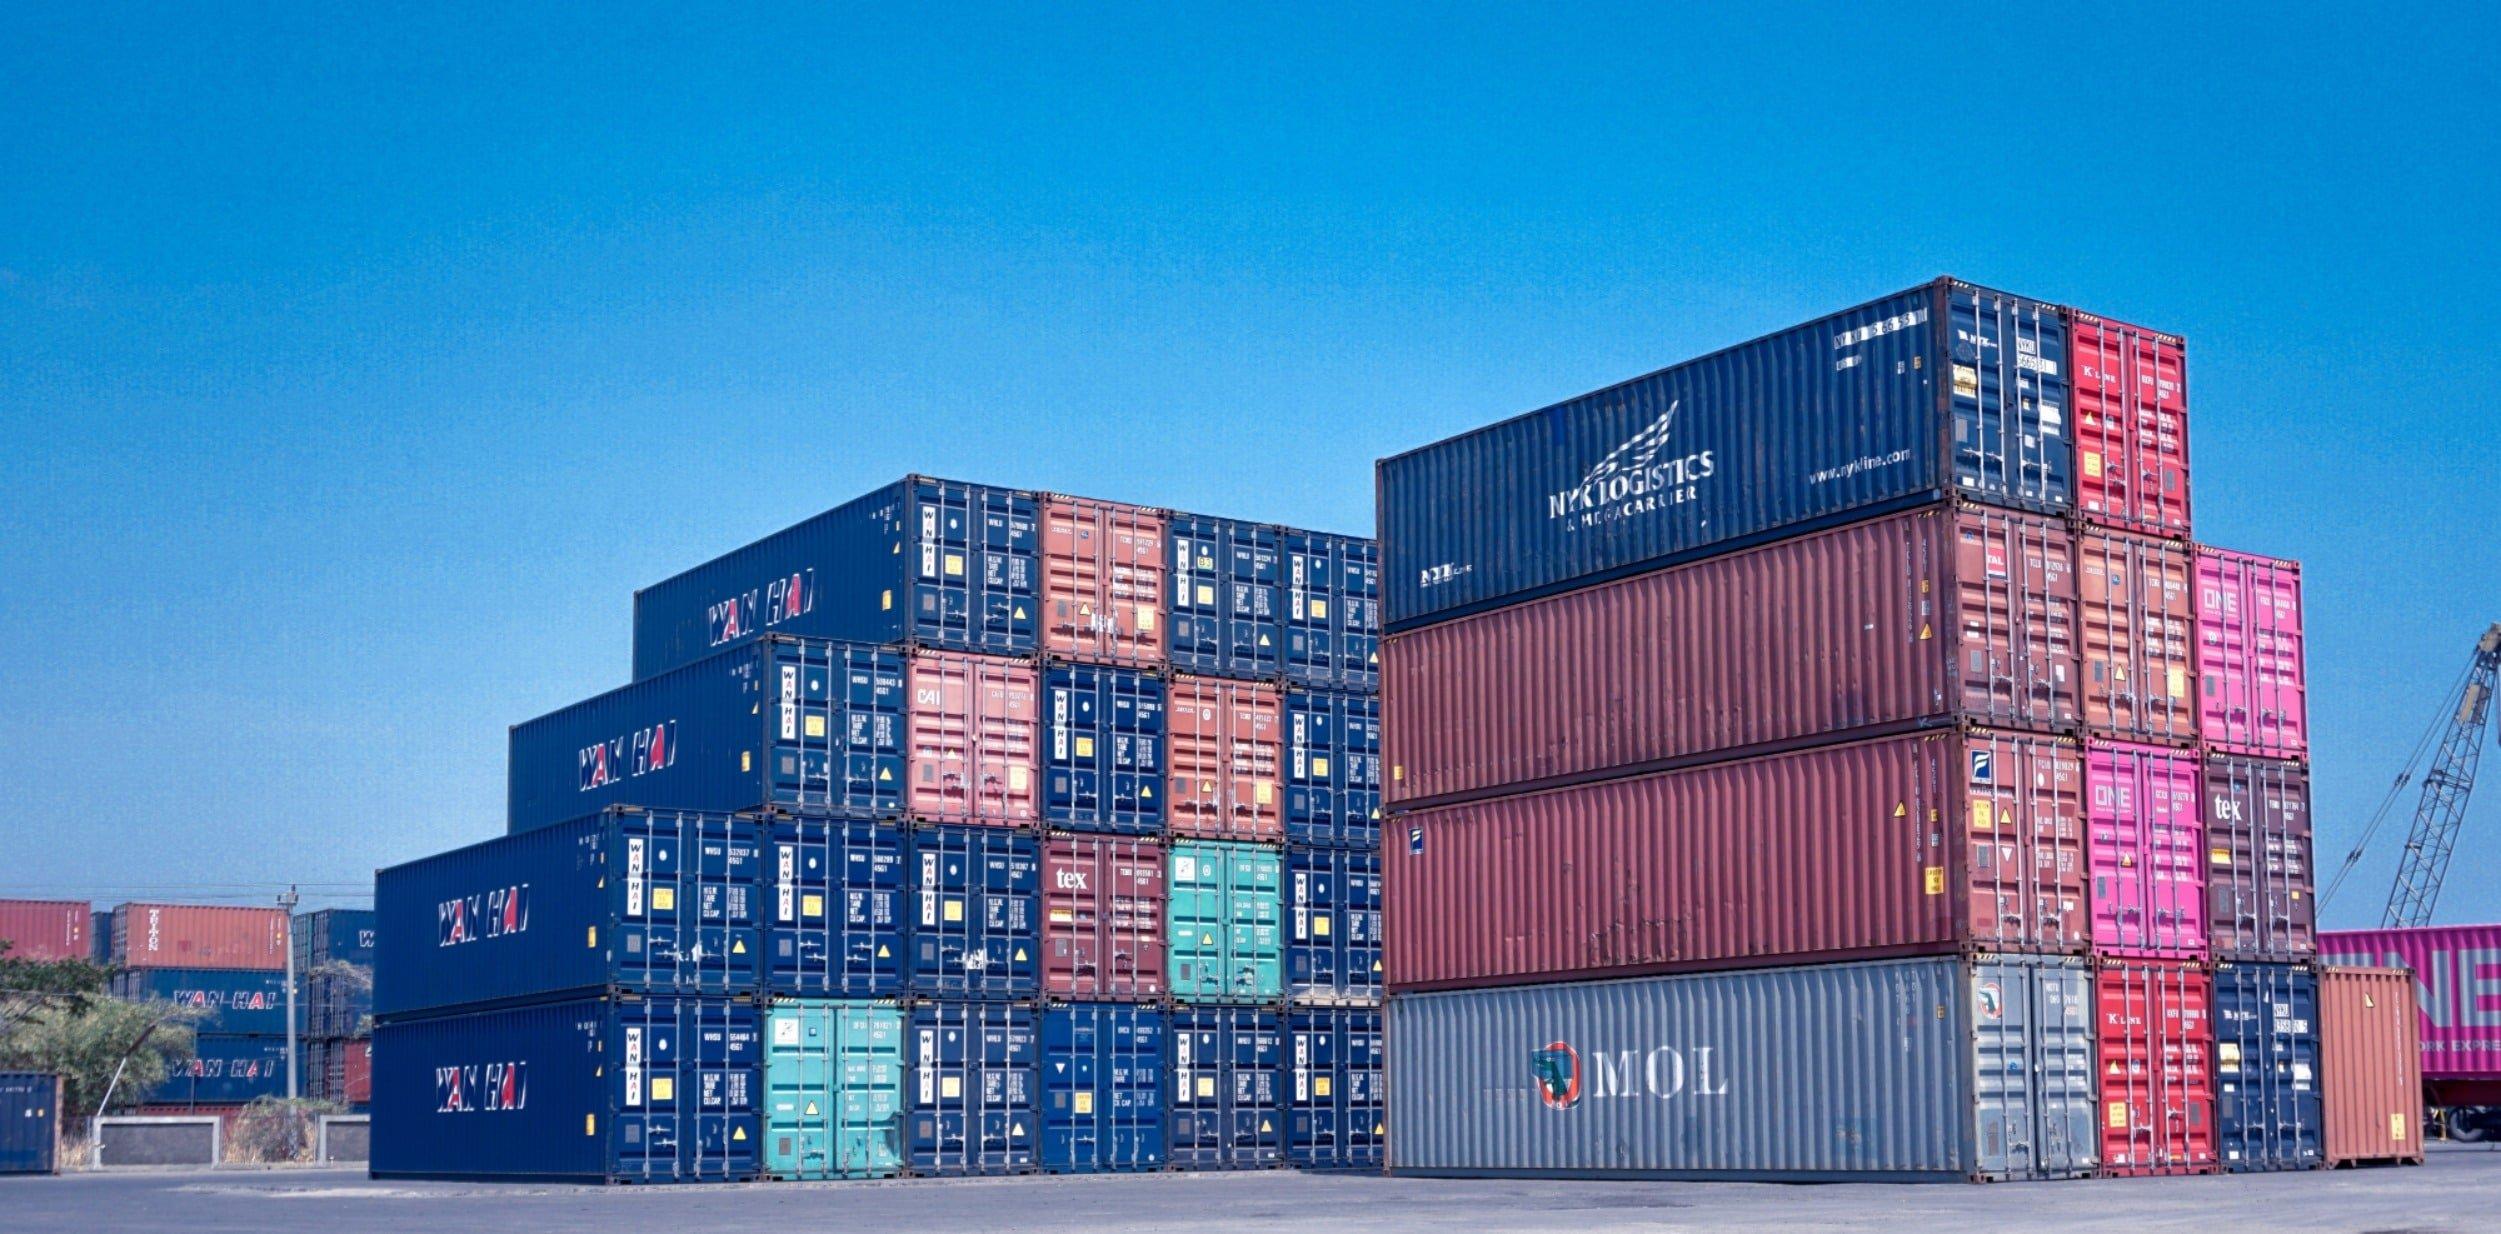 Sinistro de carga: o que fazer em caso de sinistro de transporte de carga